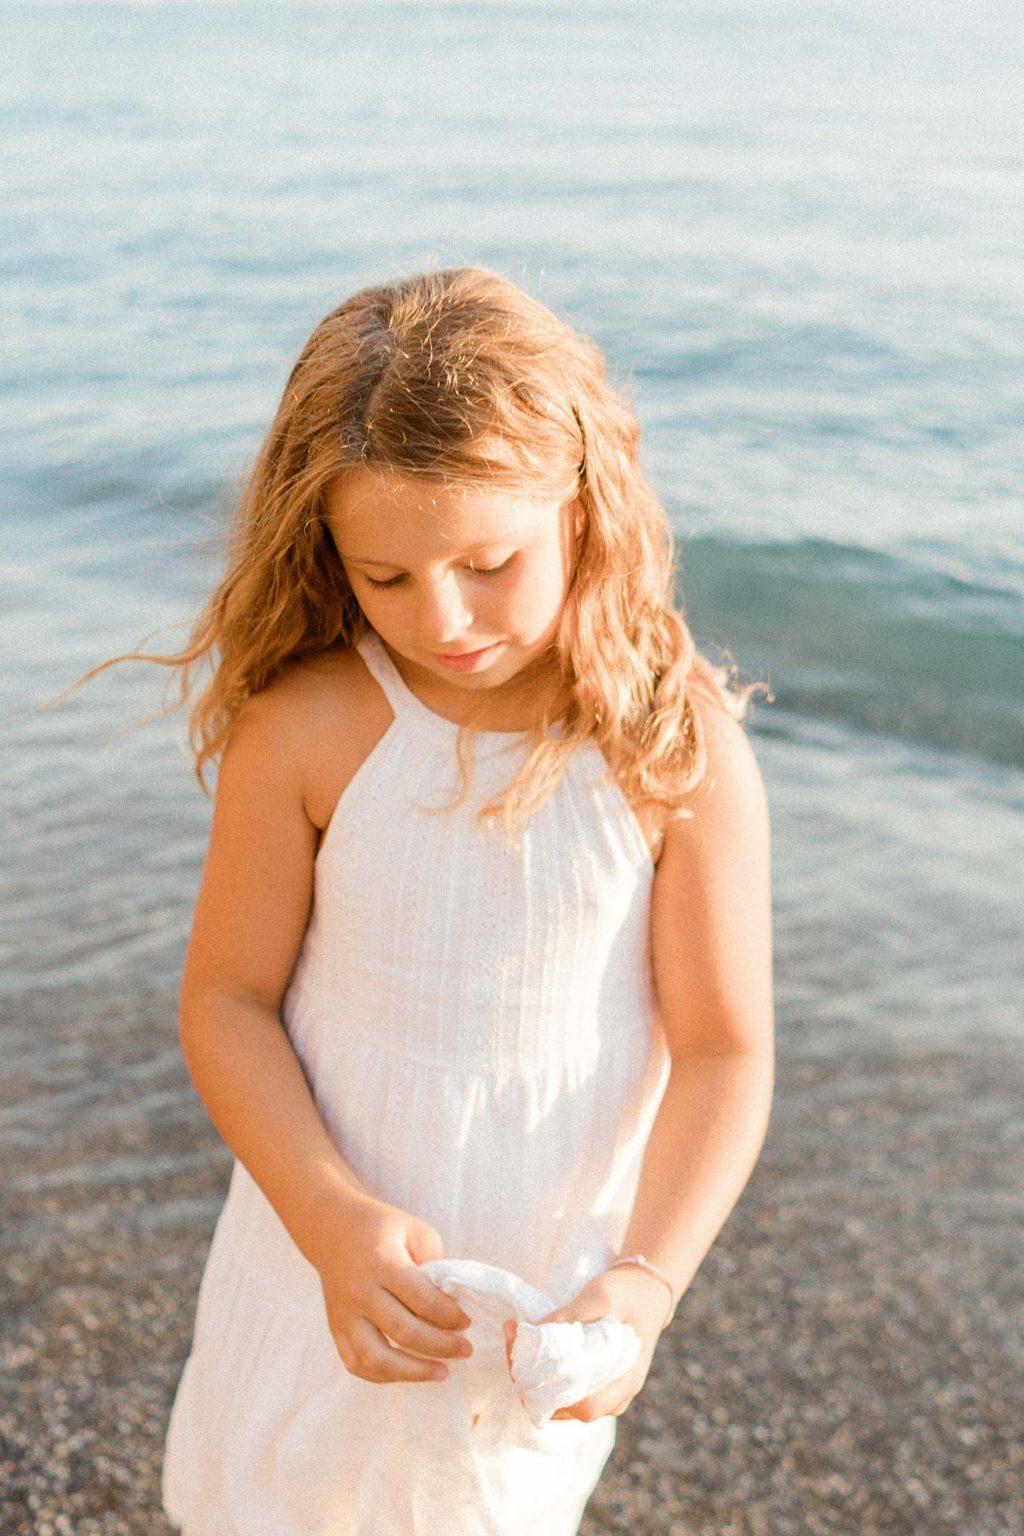 Rebecca Rinaldi Photography servizi fotografici di famiglia. Fotografo bambini e famiglie. foto di famiglia genova